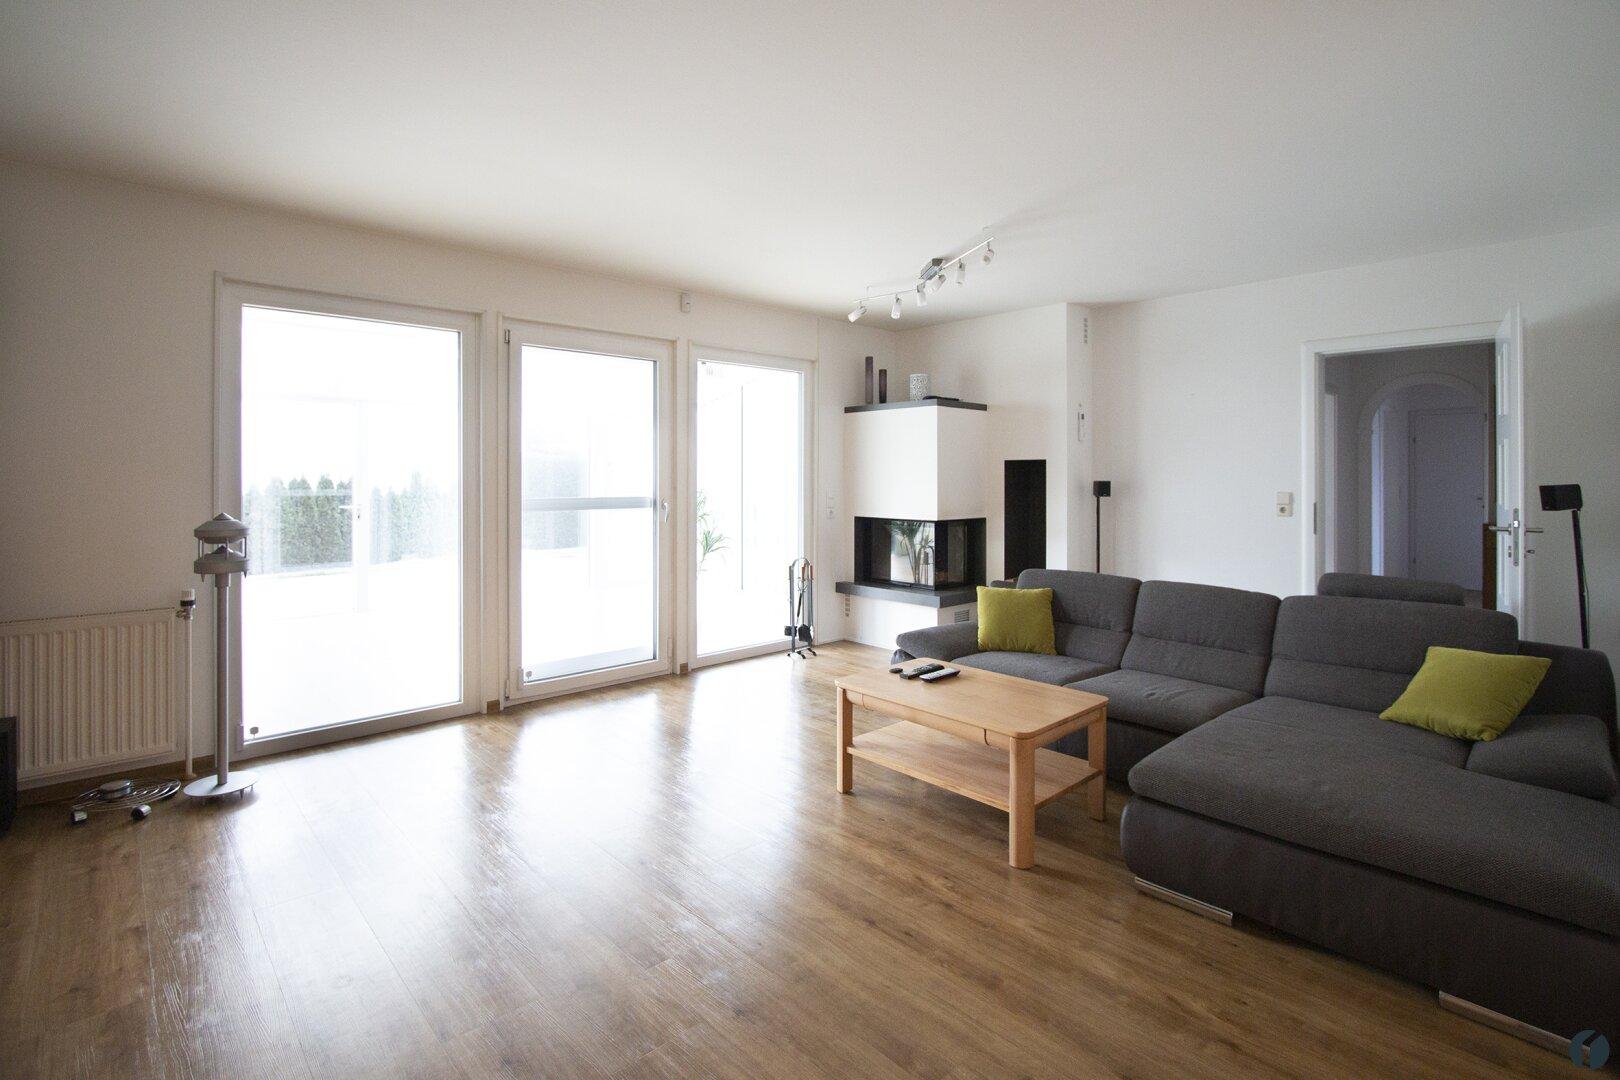 Wohnzimmer mit Ausgang zum Wintergarten